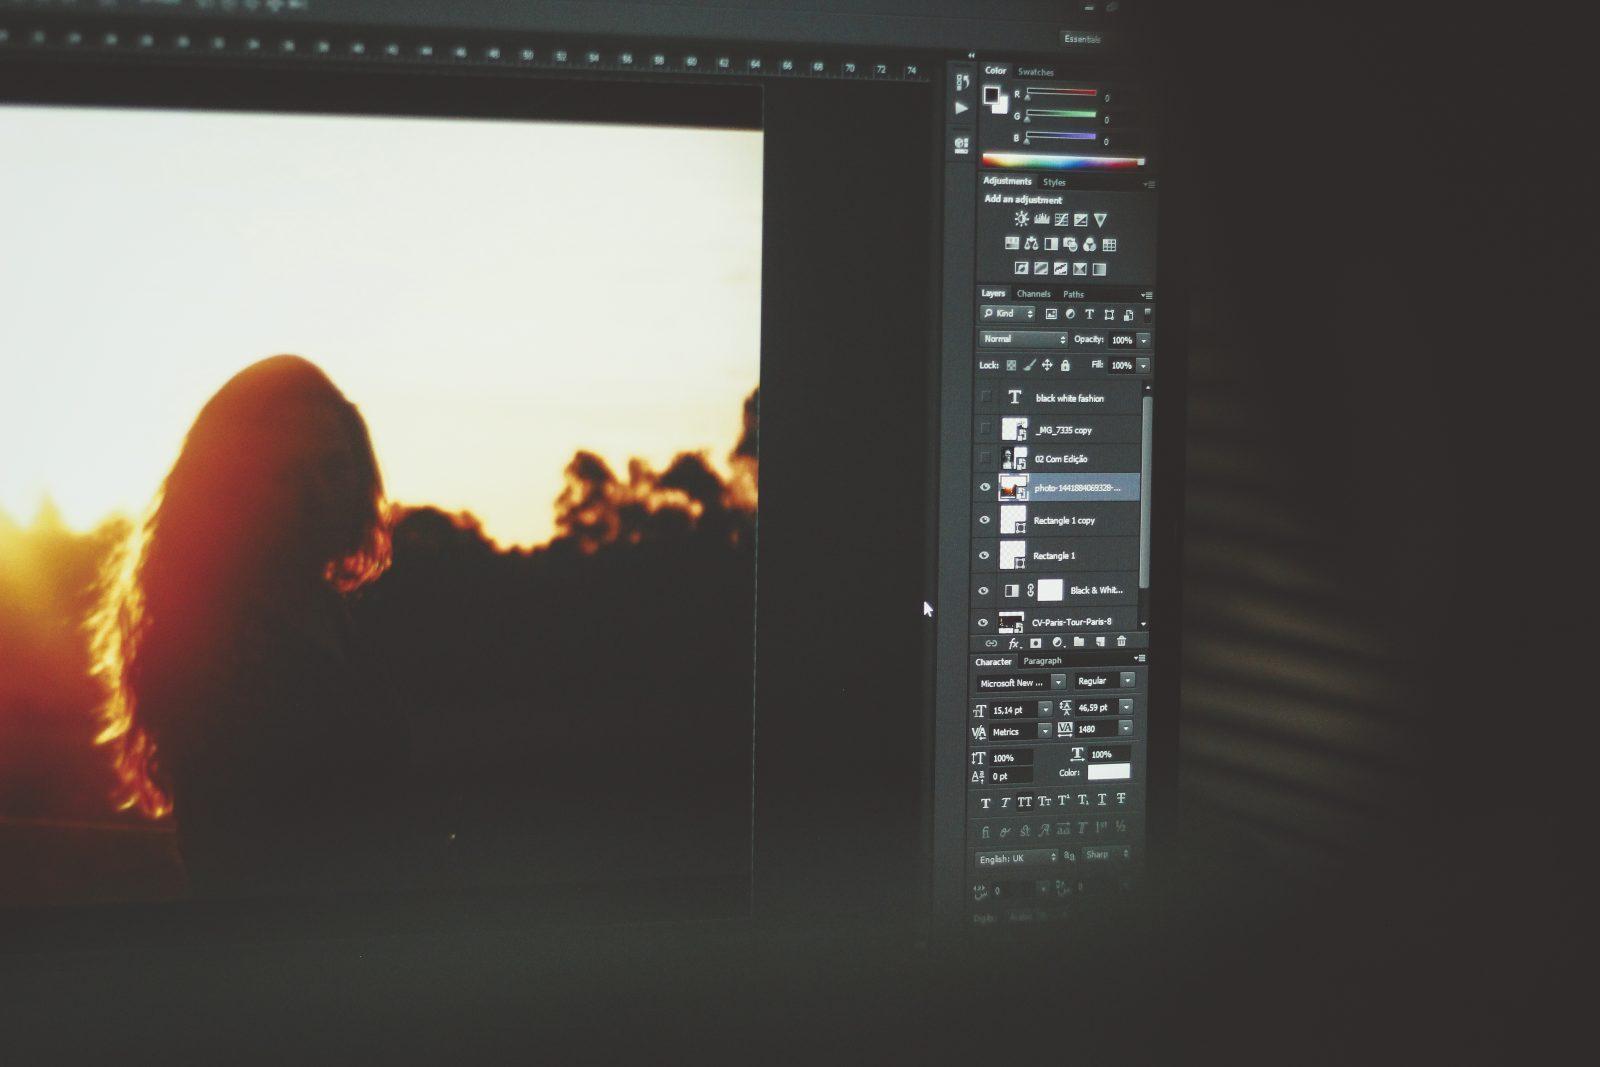 Photoshop Farbe Ersetzen Funktioniert Nicht Bei Schwarz Und Weiß – Hier Ist Die Lösung